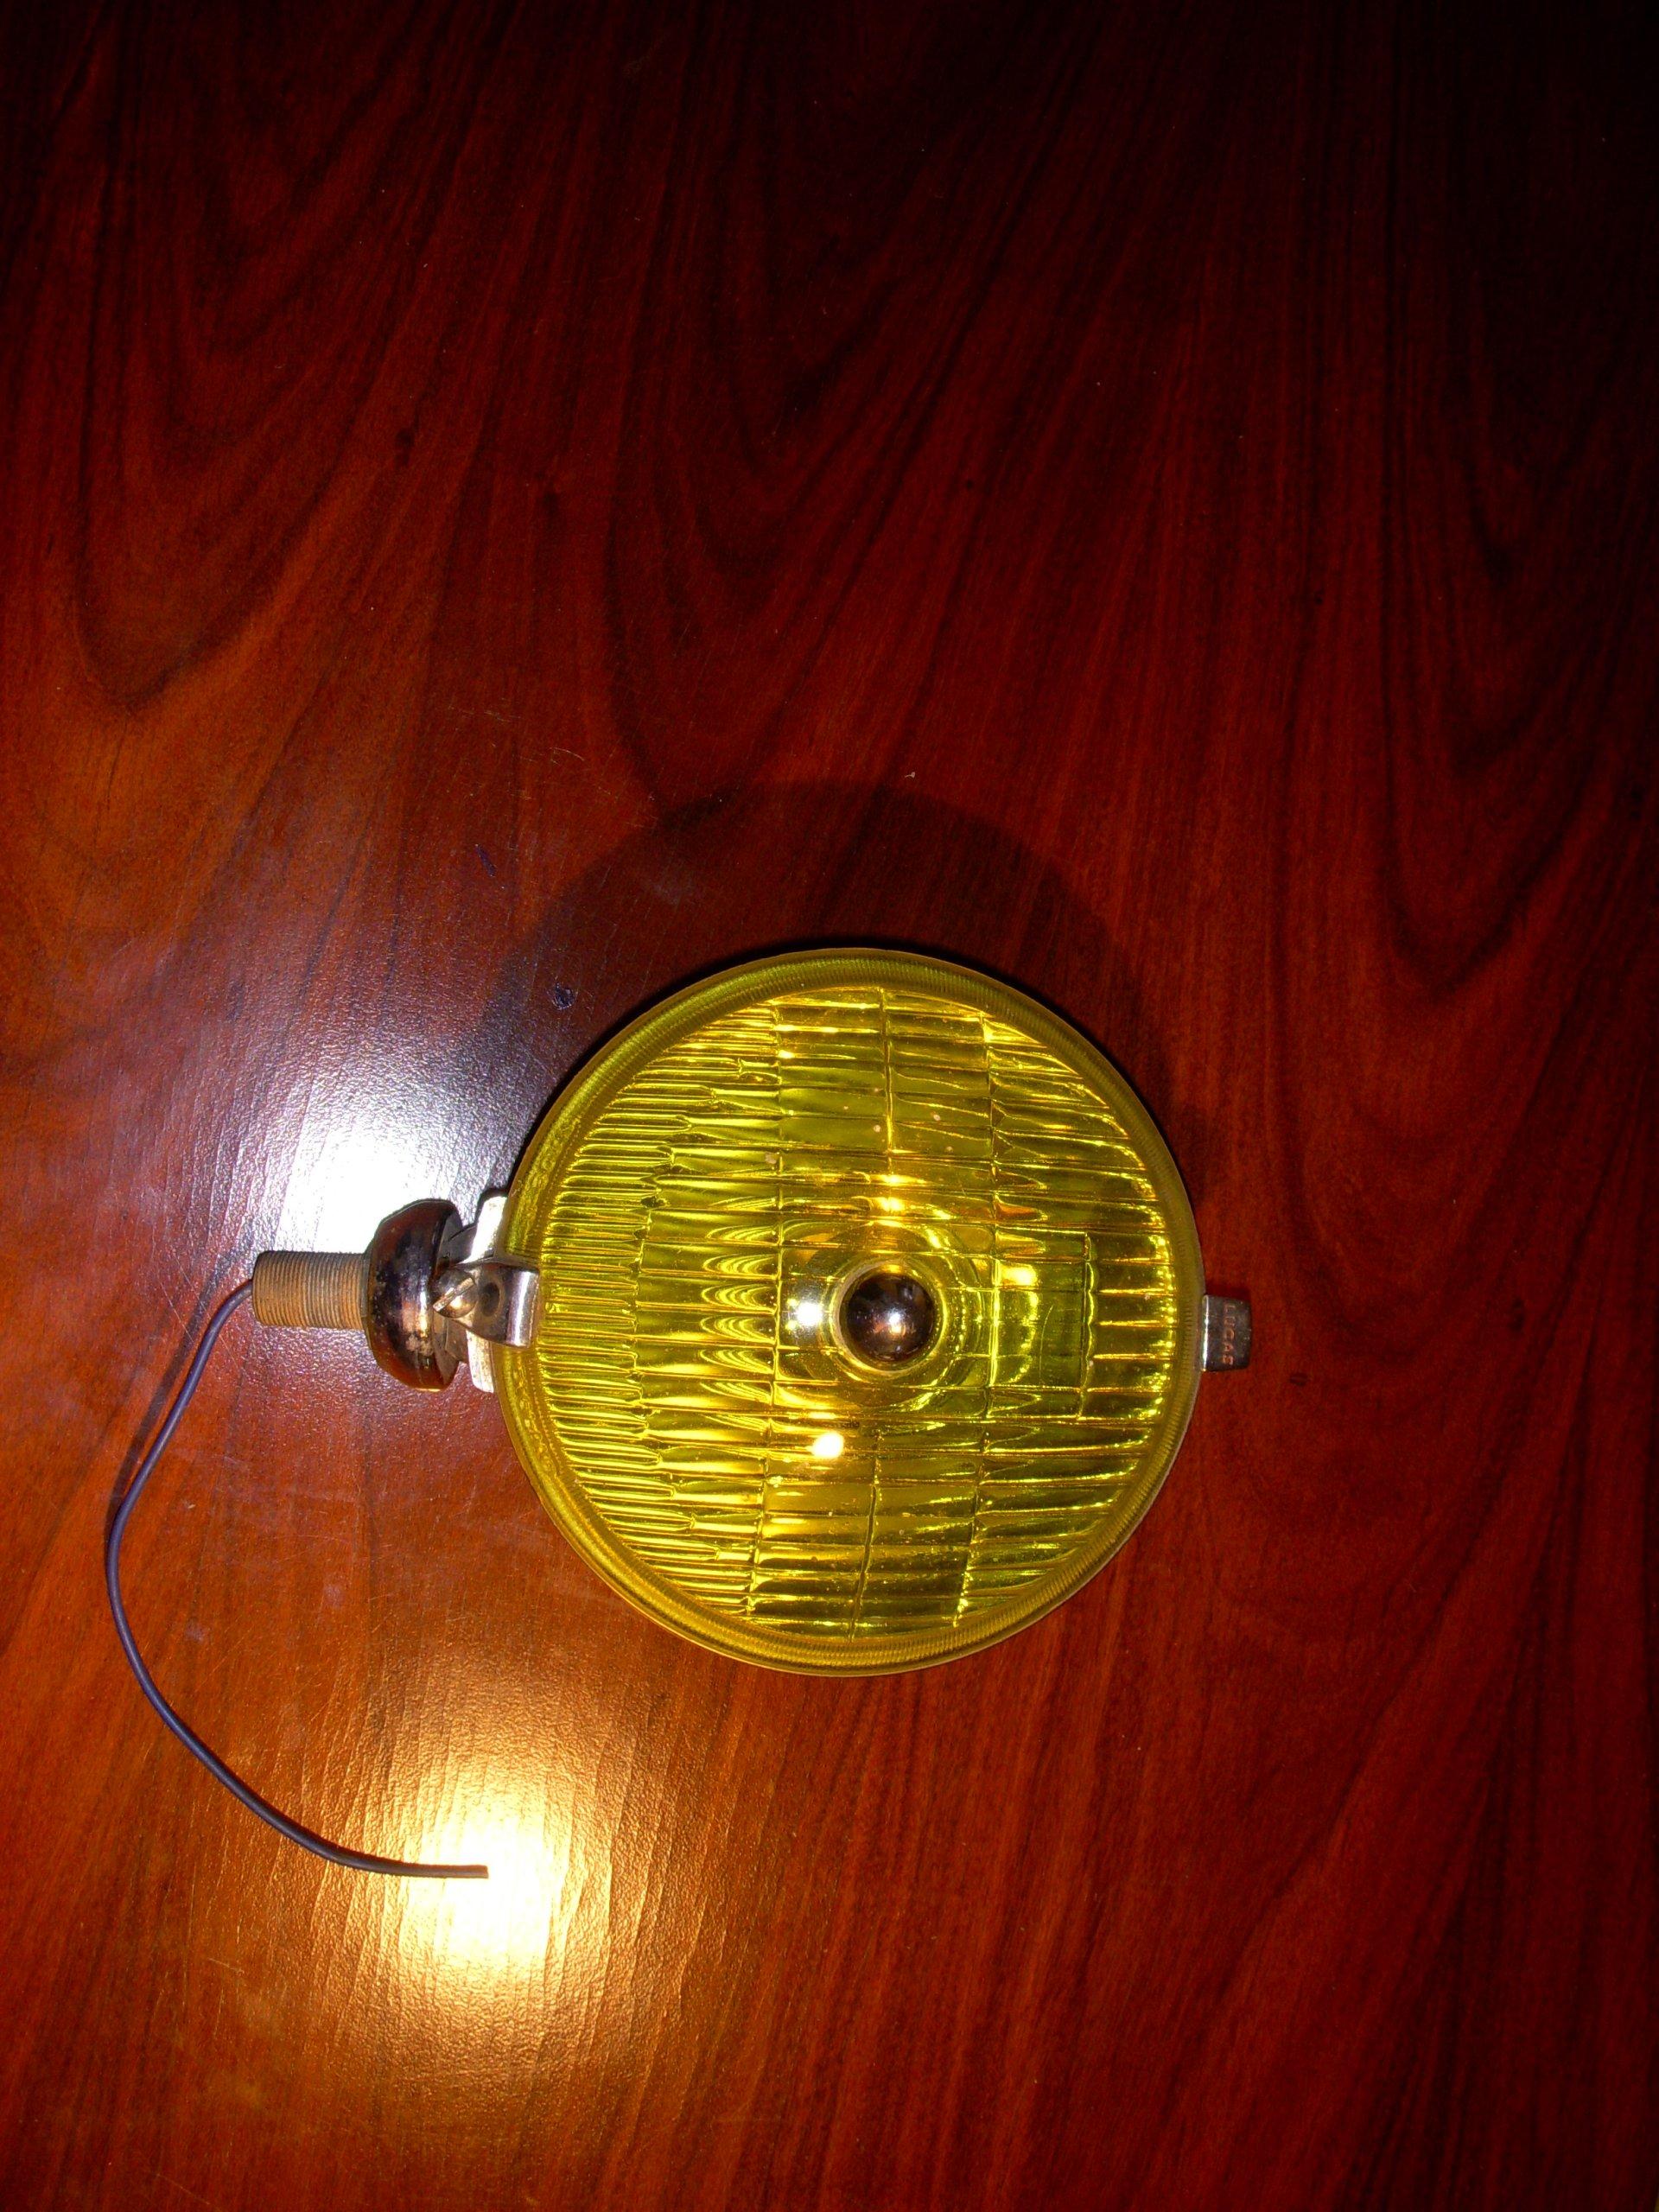 лампа галогеновая Лукас СФТ 576 мг Ягуар, Роллс-Ройс